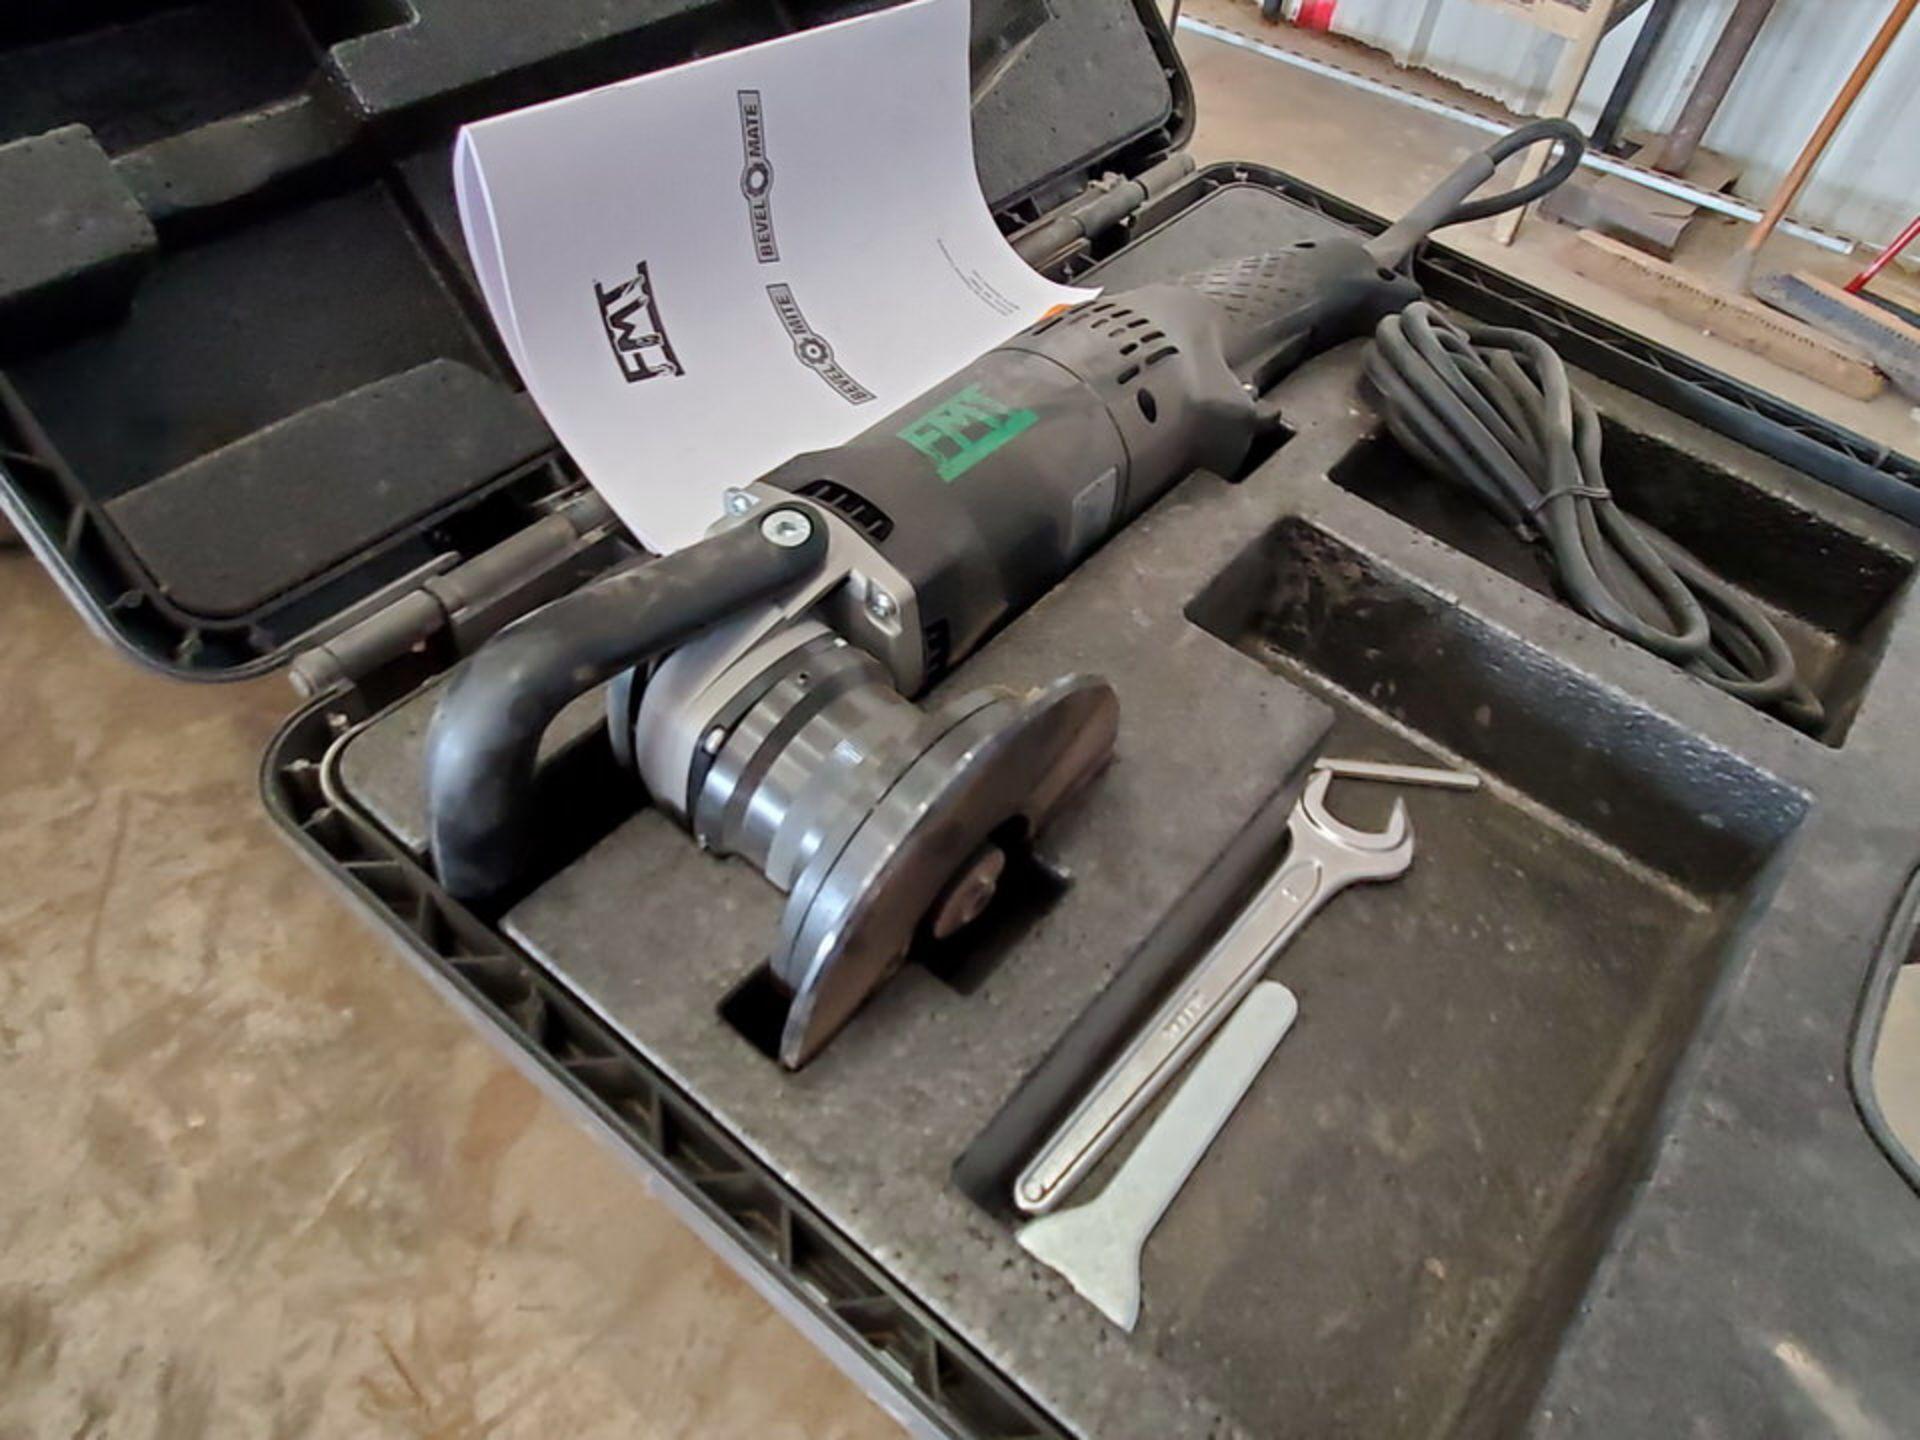 FMT EBA-12S 6-Speed Handheld Bevel Mate 120V, 12A, 60HZ - Image 2 of 5